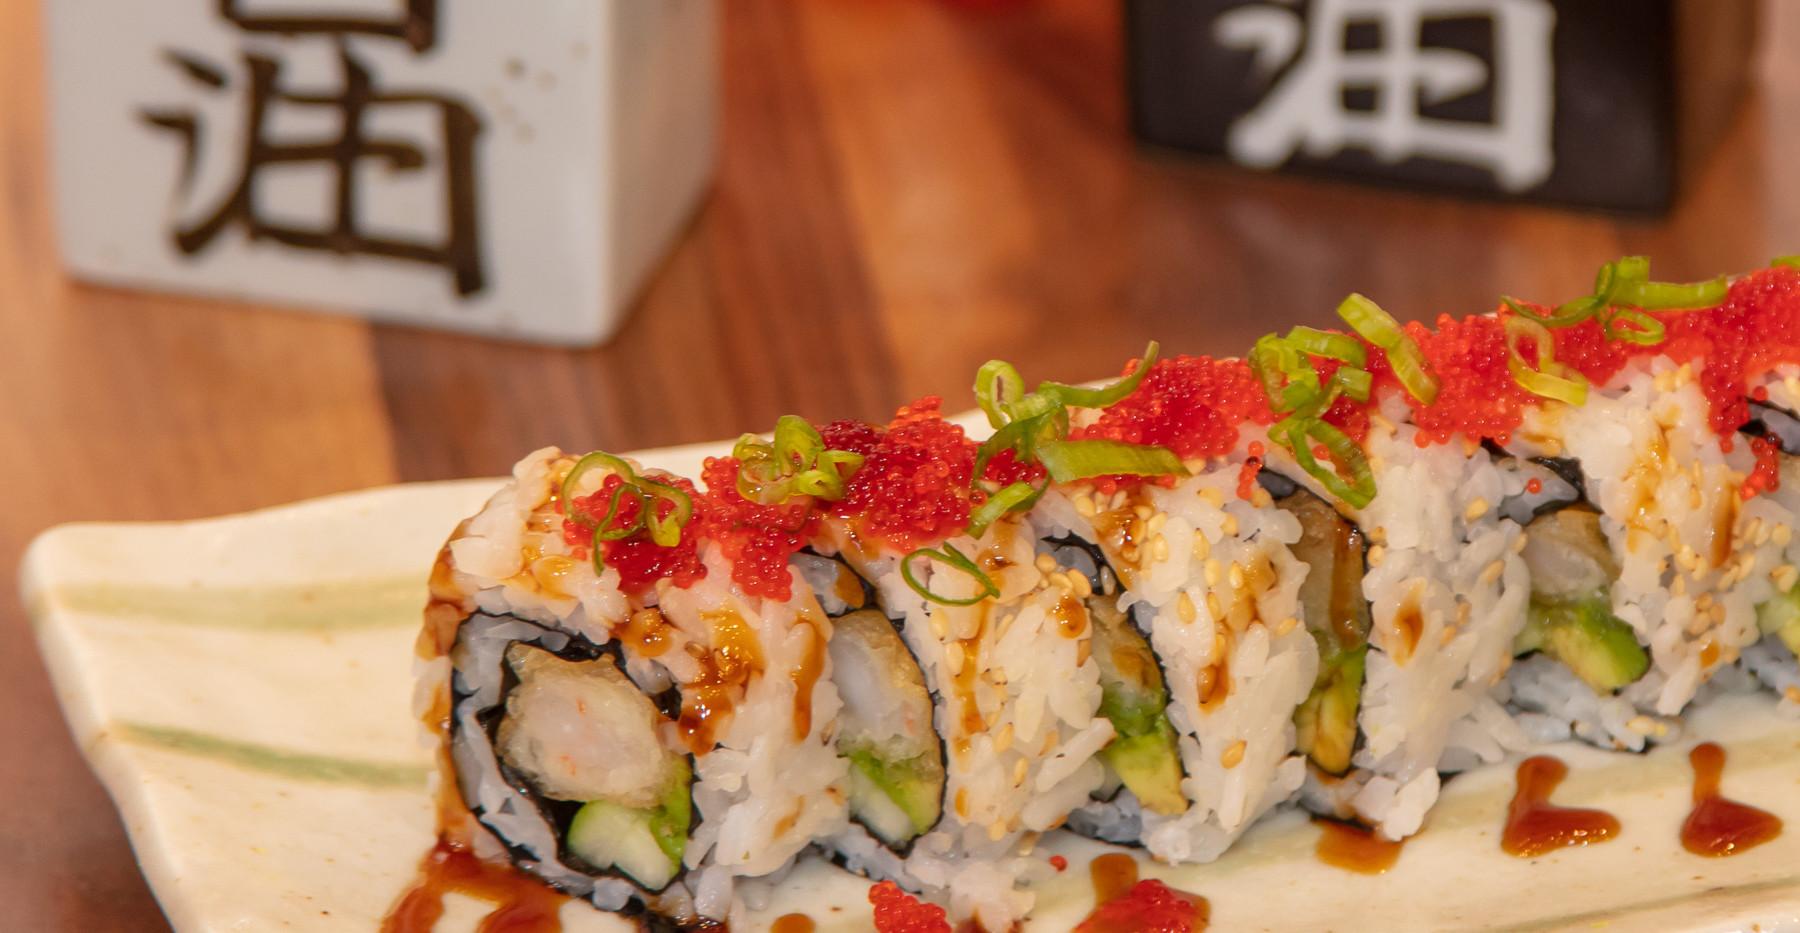 Sushi Rolls - set 2 - 1Z3A1595.jpg